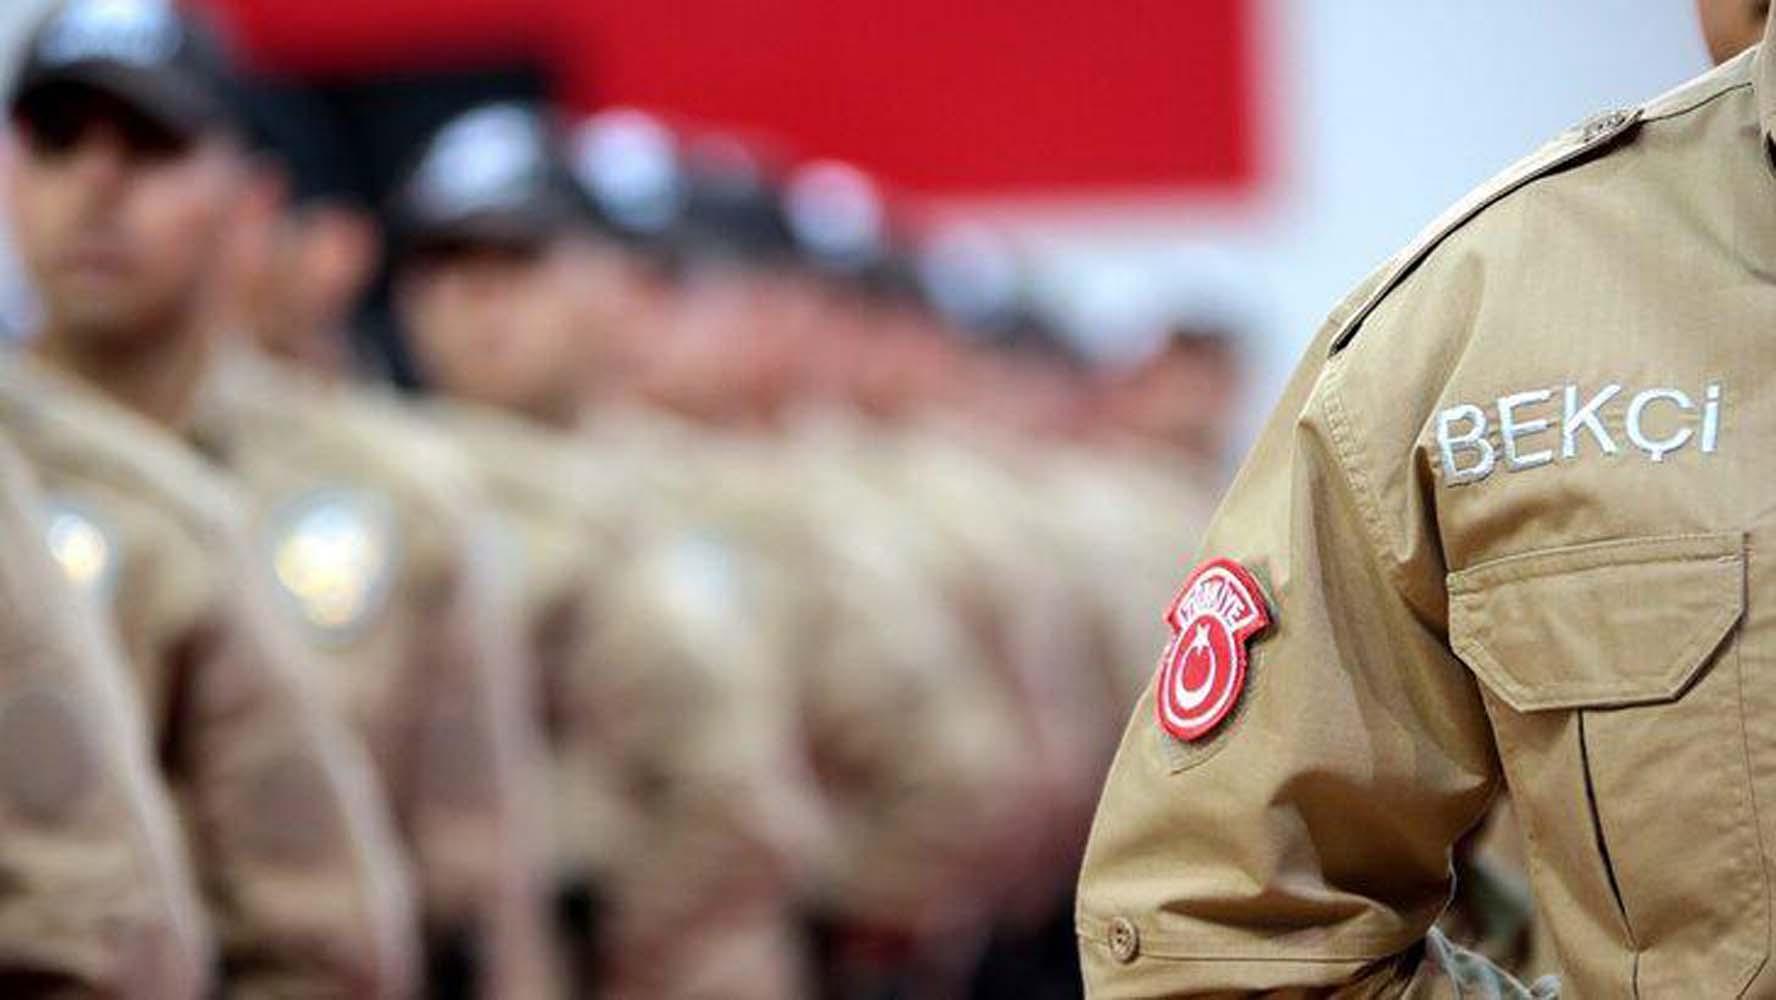 Jandarma Bekçi alımı ne zaman 2021? Jandarma Bekçi alımı başvuru 2021? Bekçi maaşları ne kadar 2021?